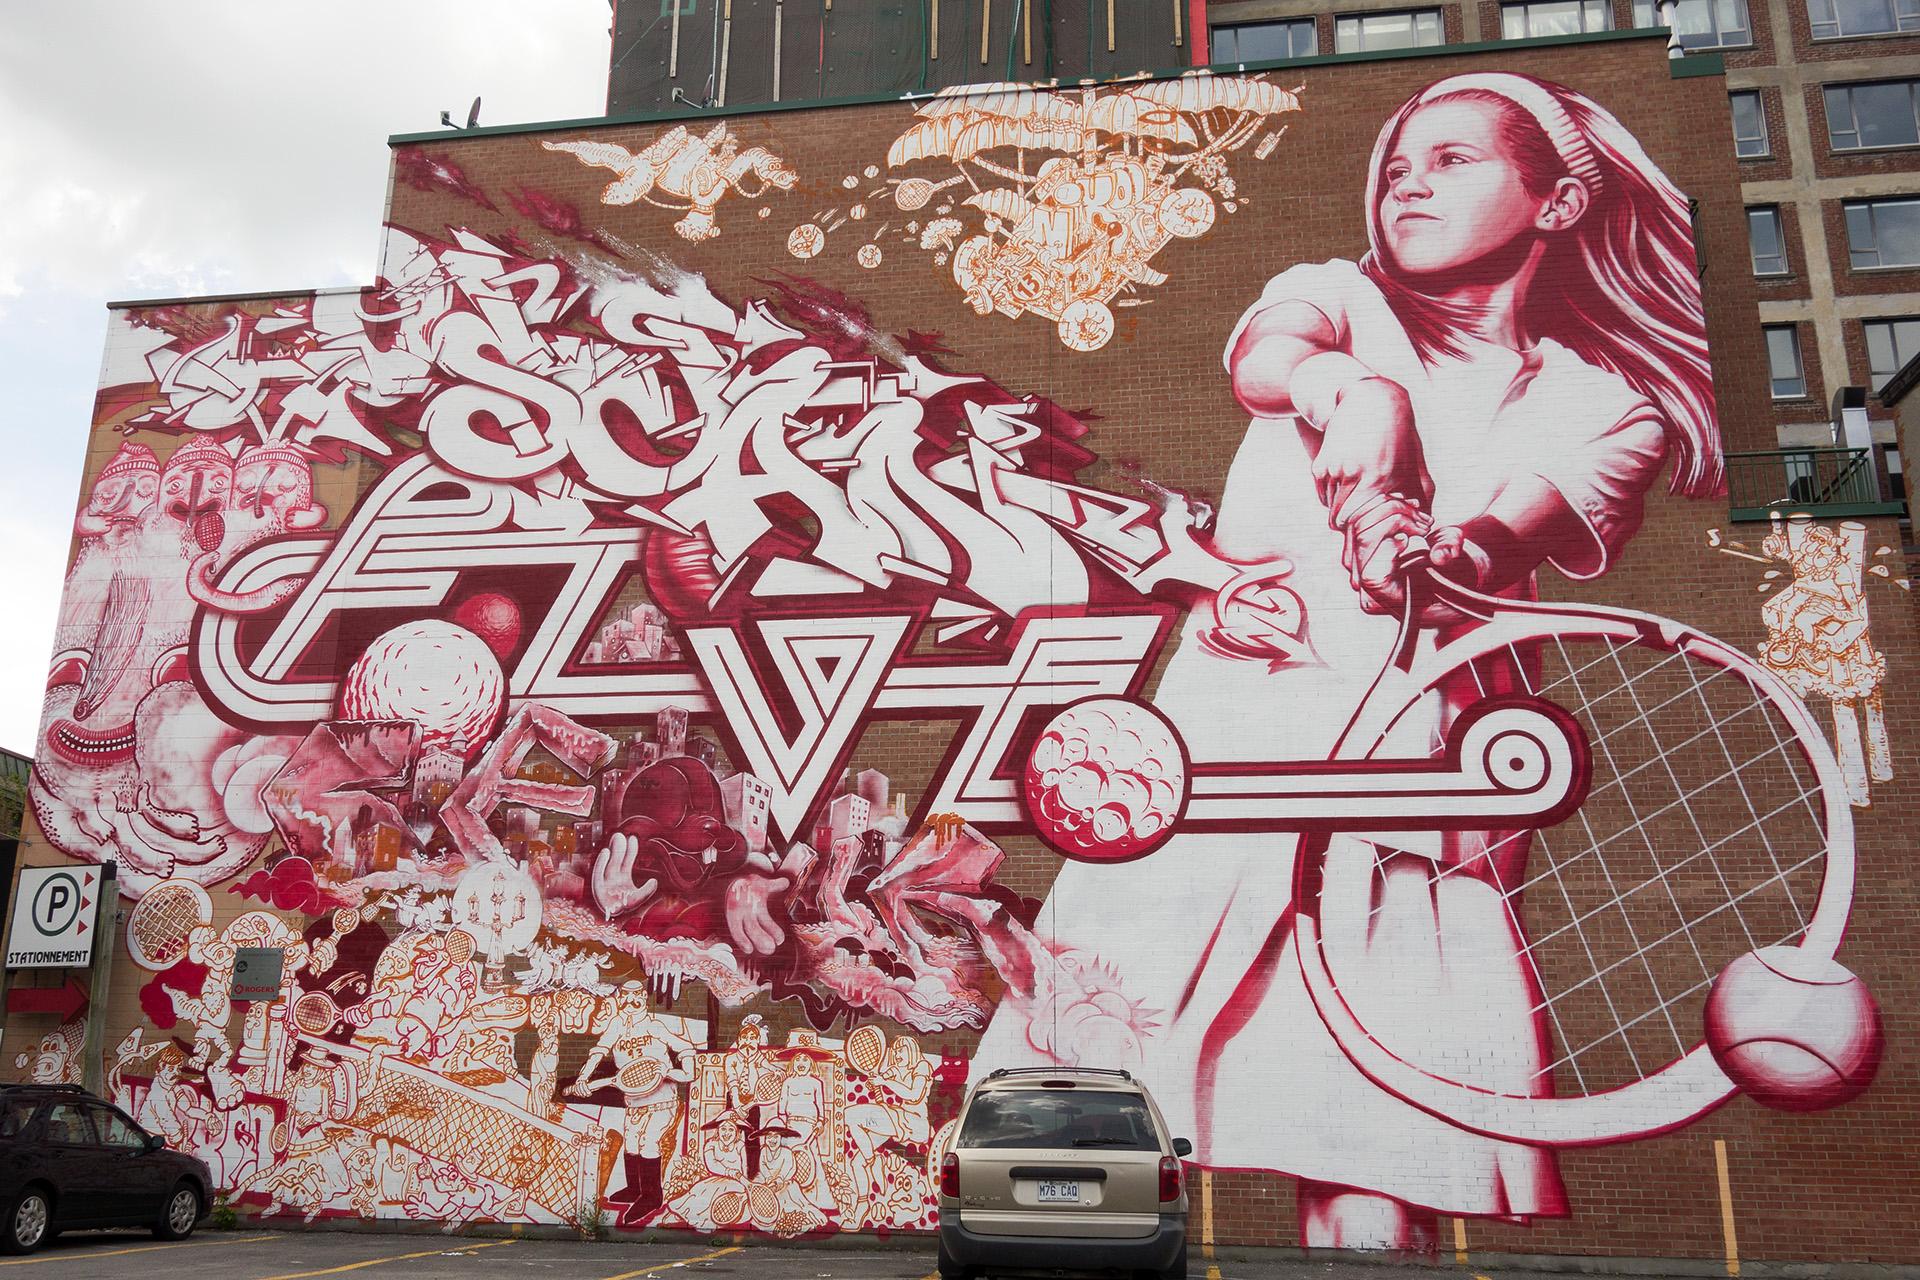 Tennis - Mural